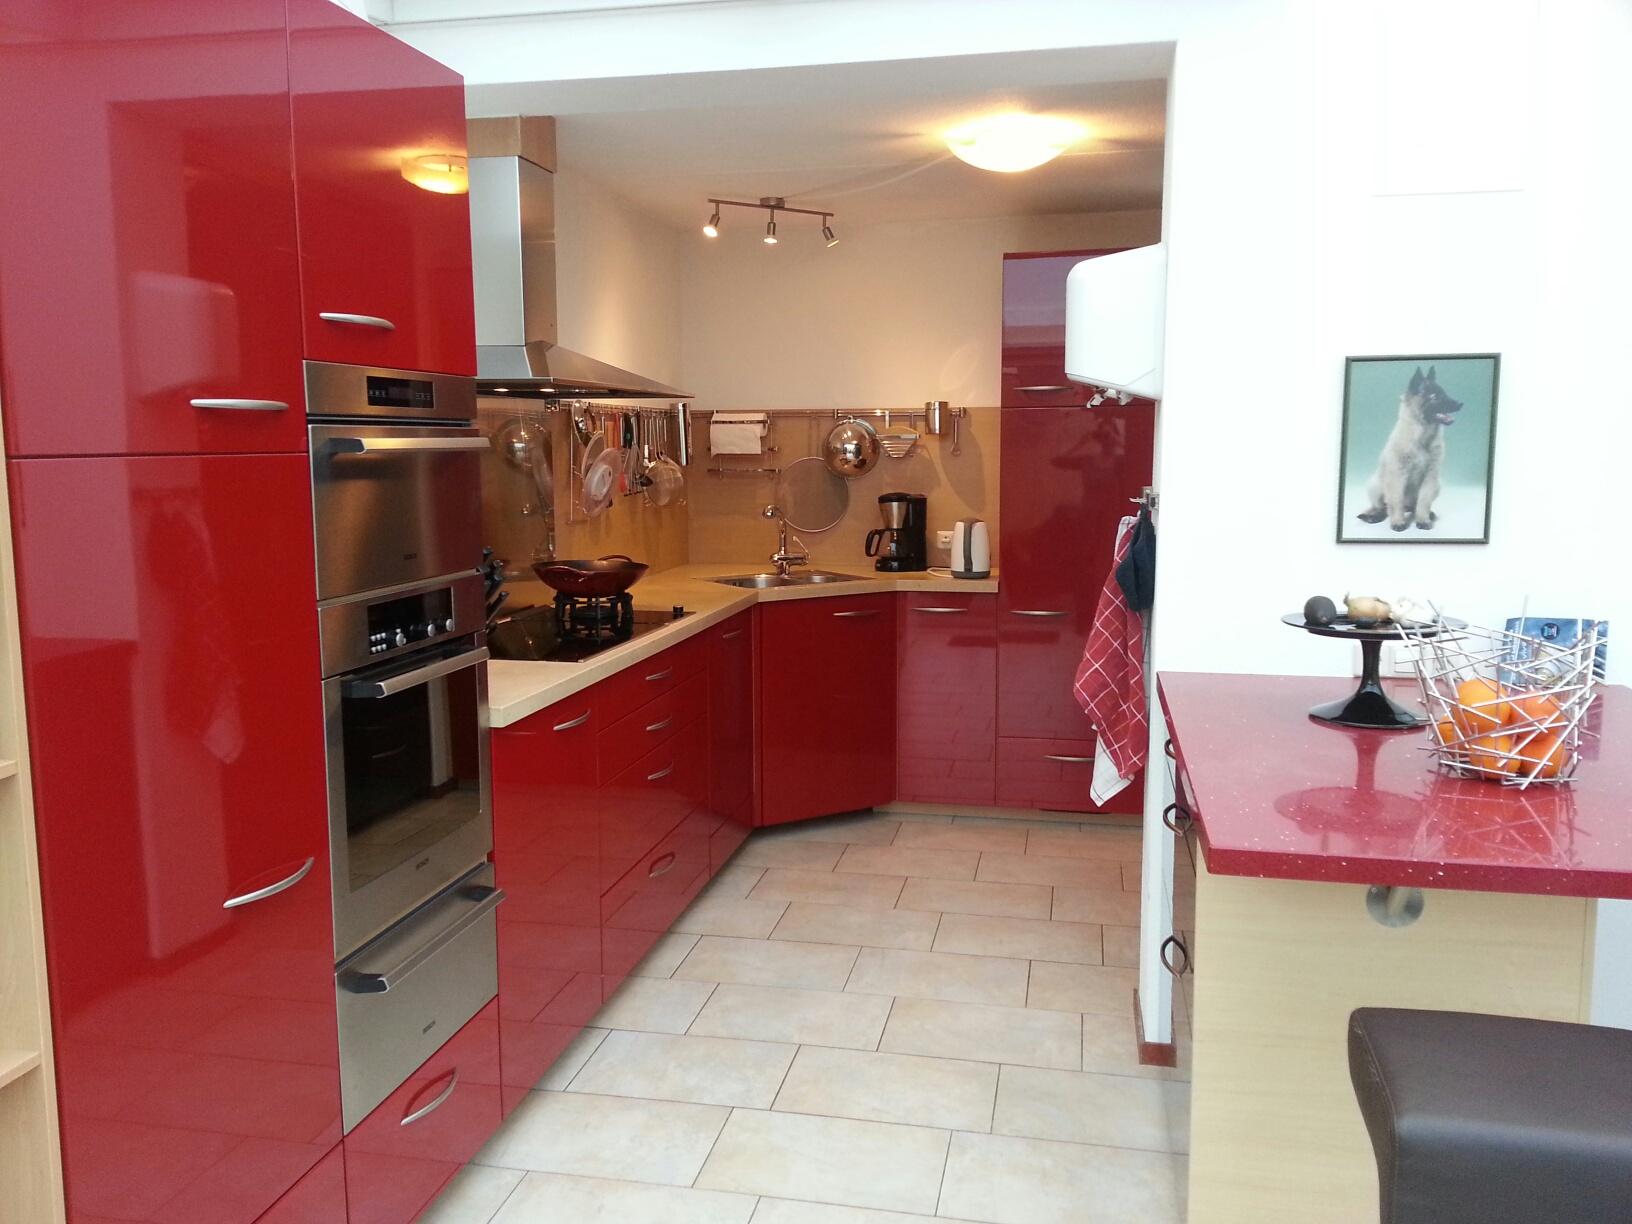 Dronten | Quwest Housing